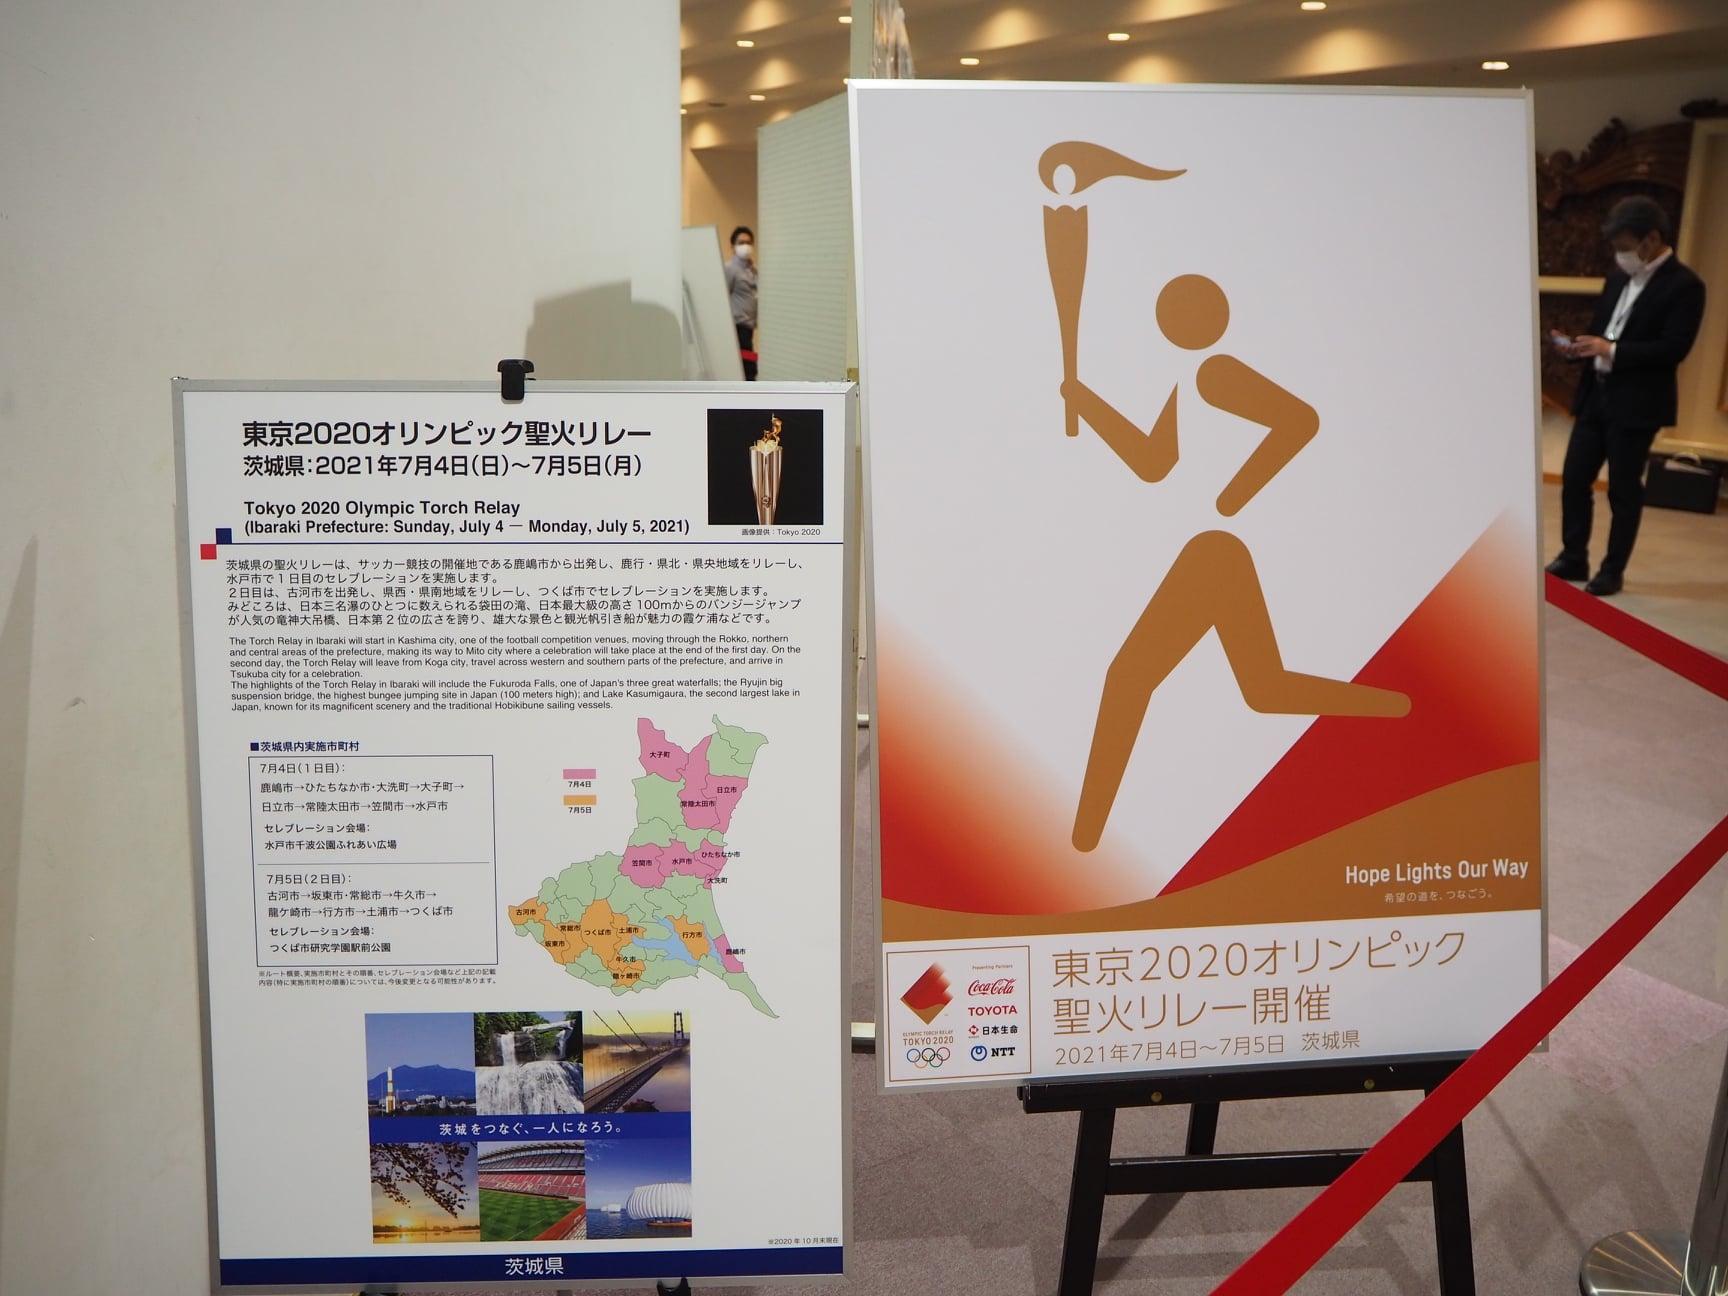 東京オリンピック・パラリンピック 聖火リレートーチを展示しています!page-visual 東京オリンピック・パラリンピック 聖火リレートーチを展示しています!ビジュアル